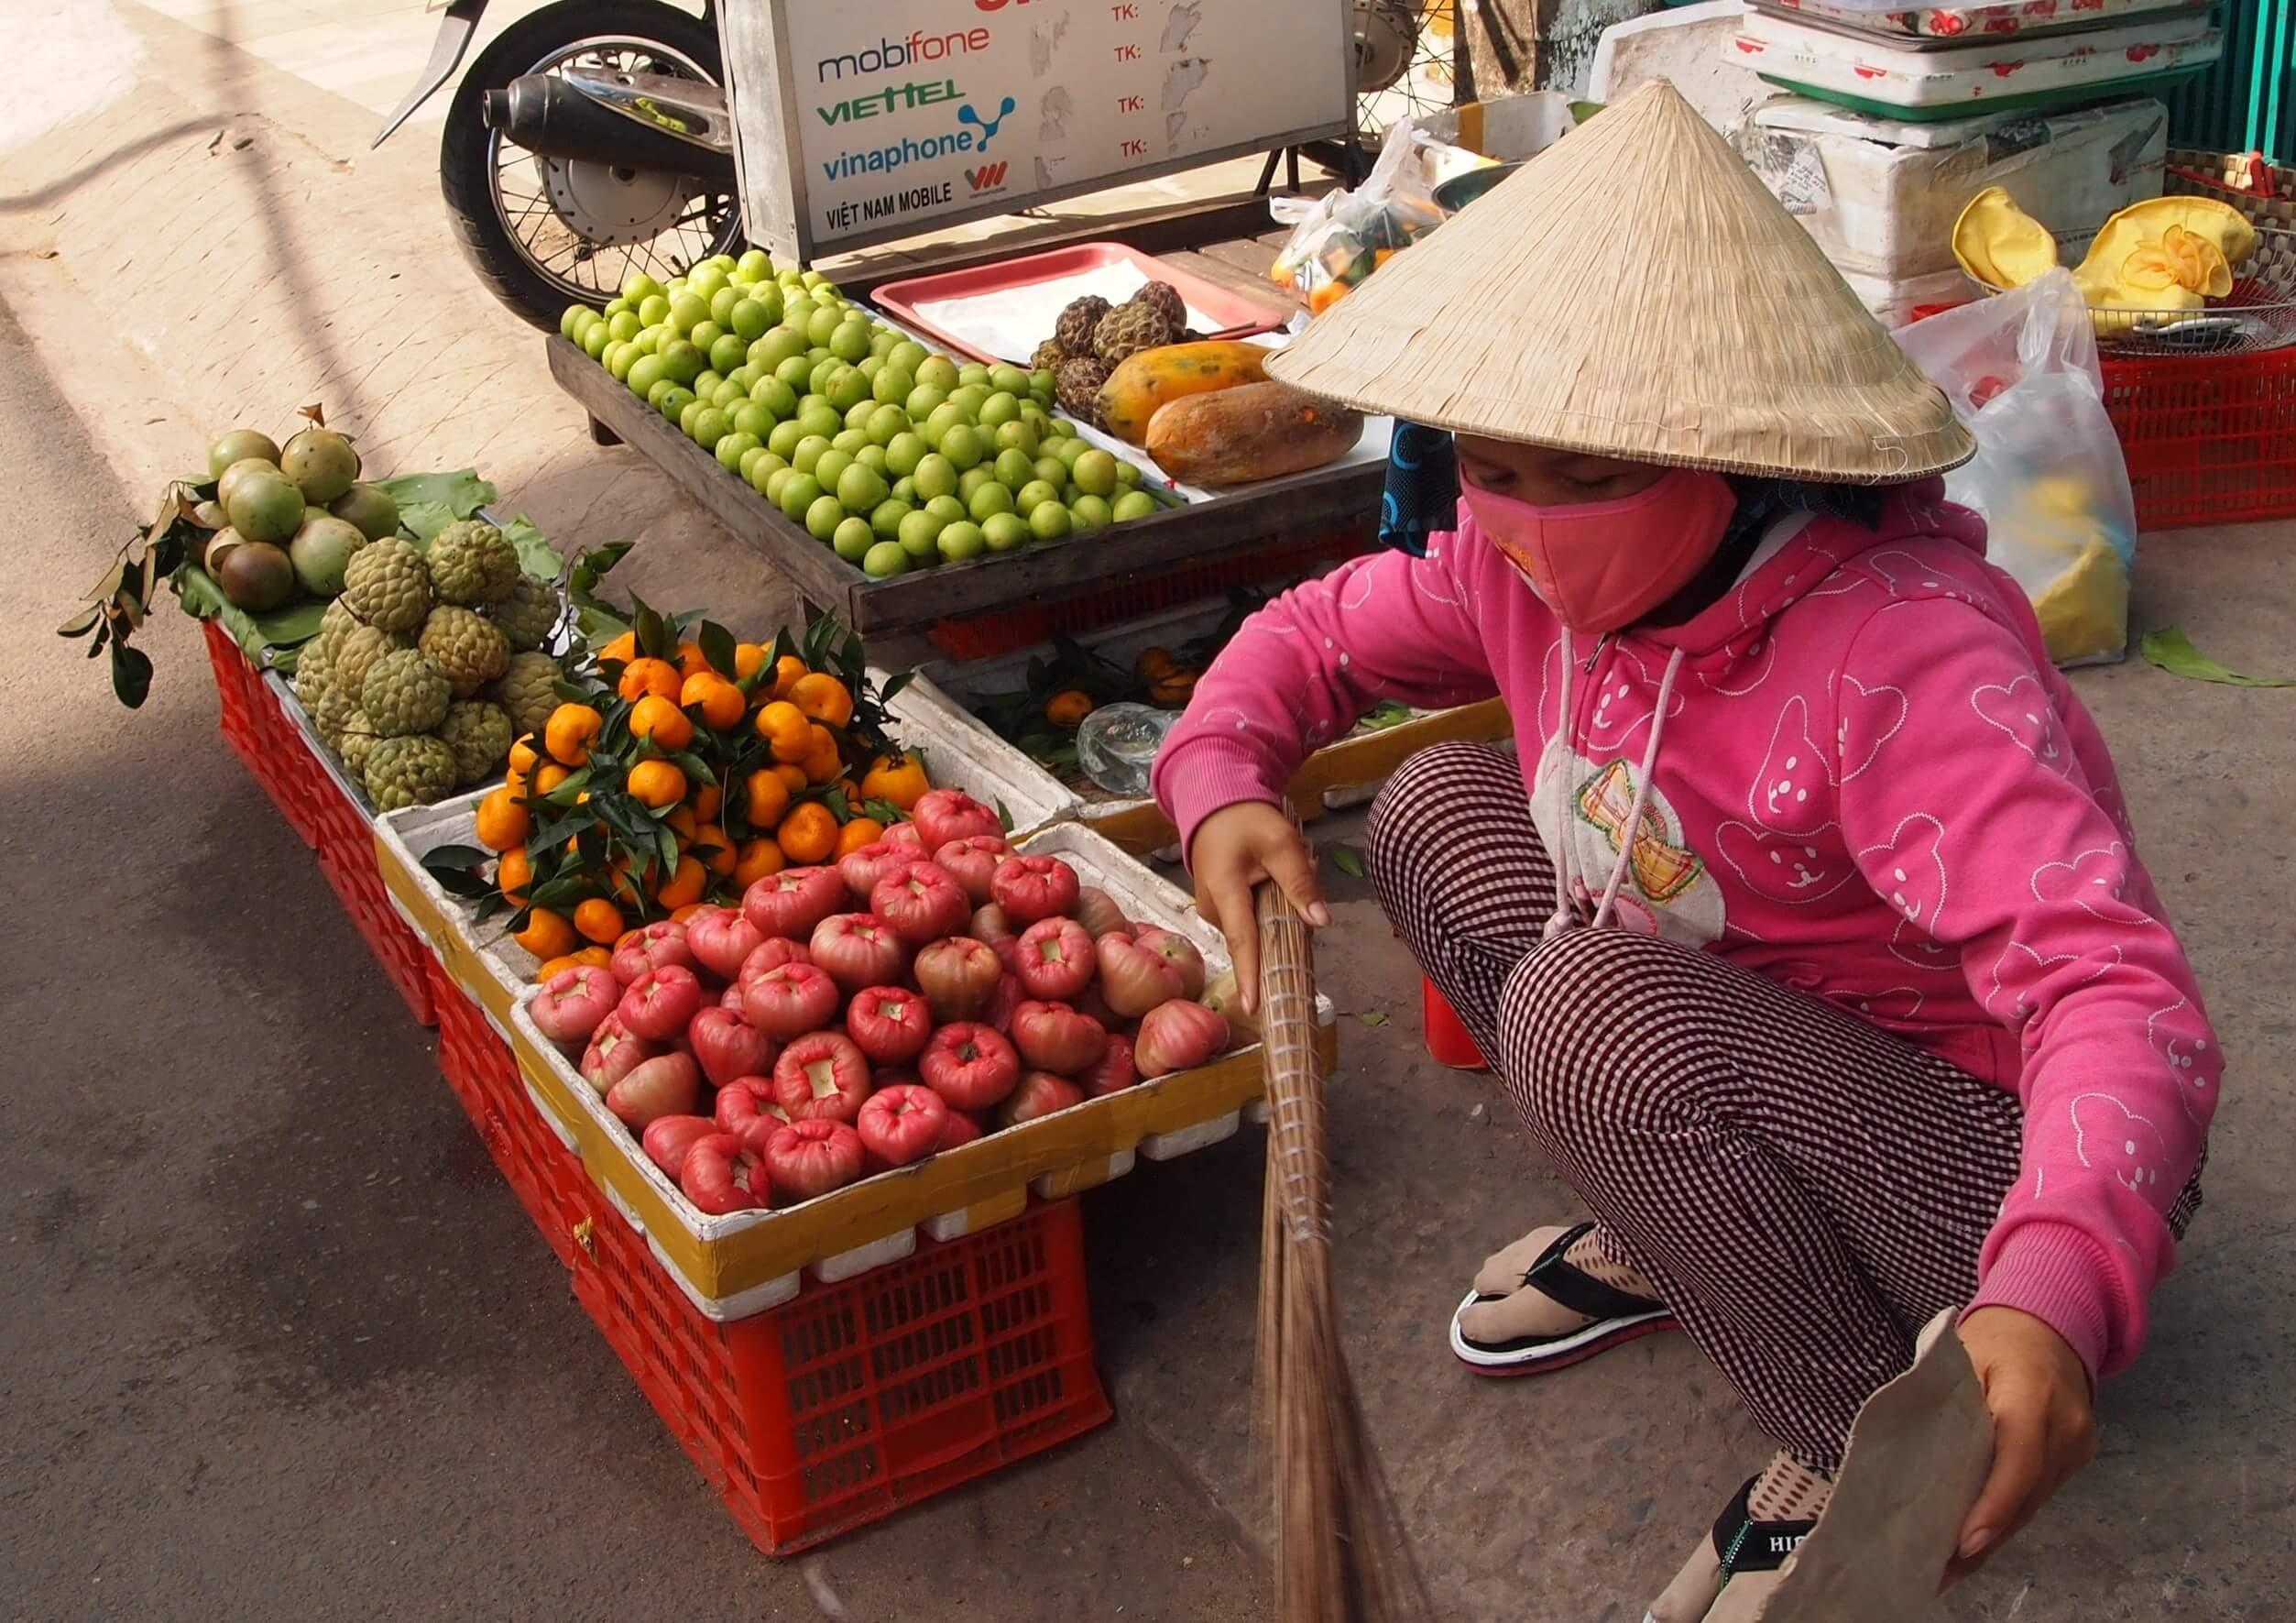 Kobieta sprzedająca owoce na targu przy ulicy